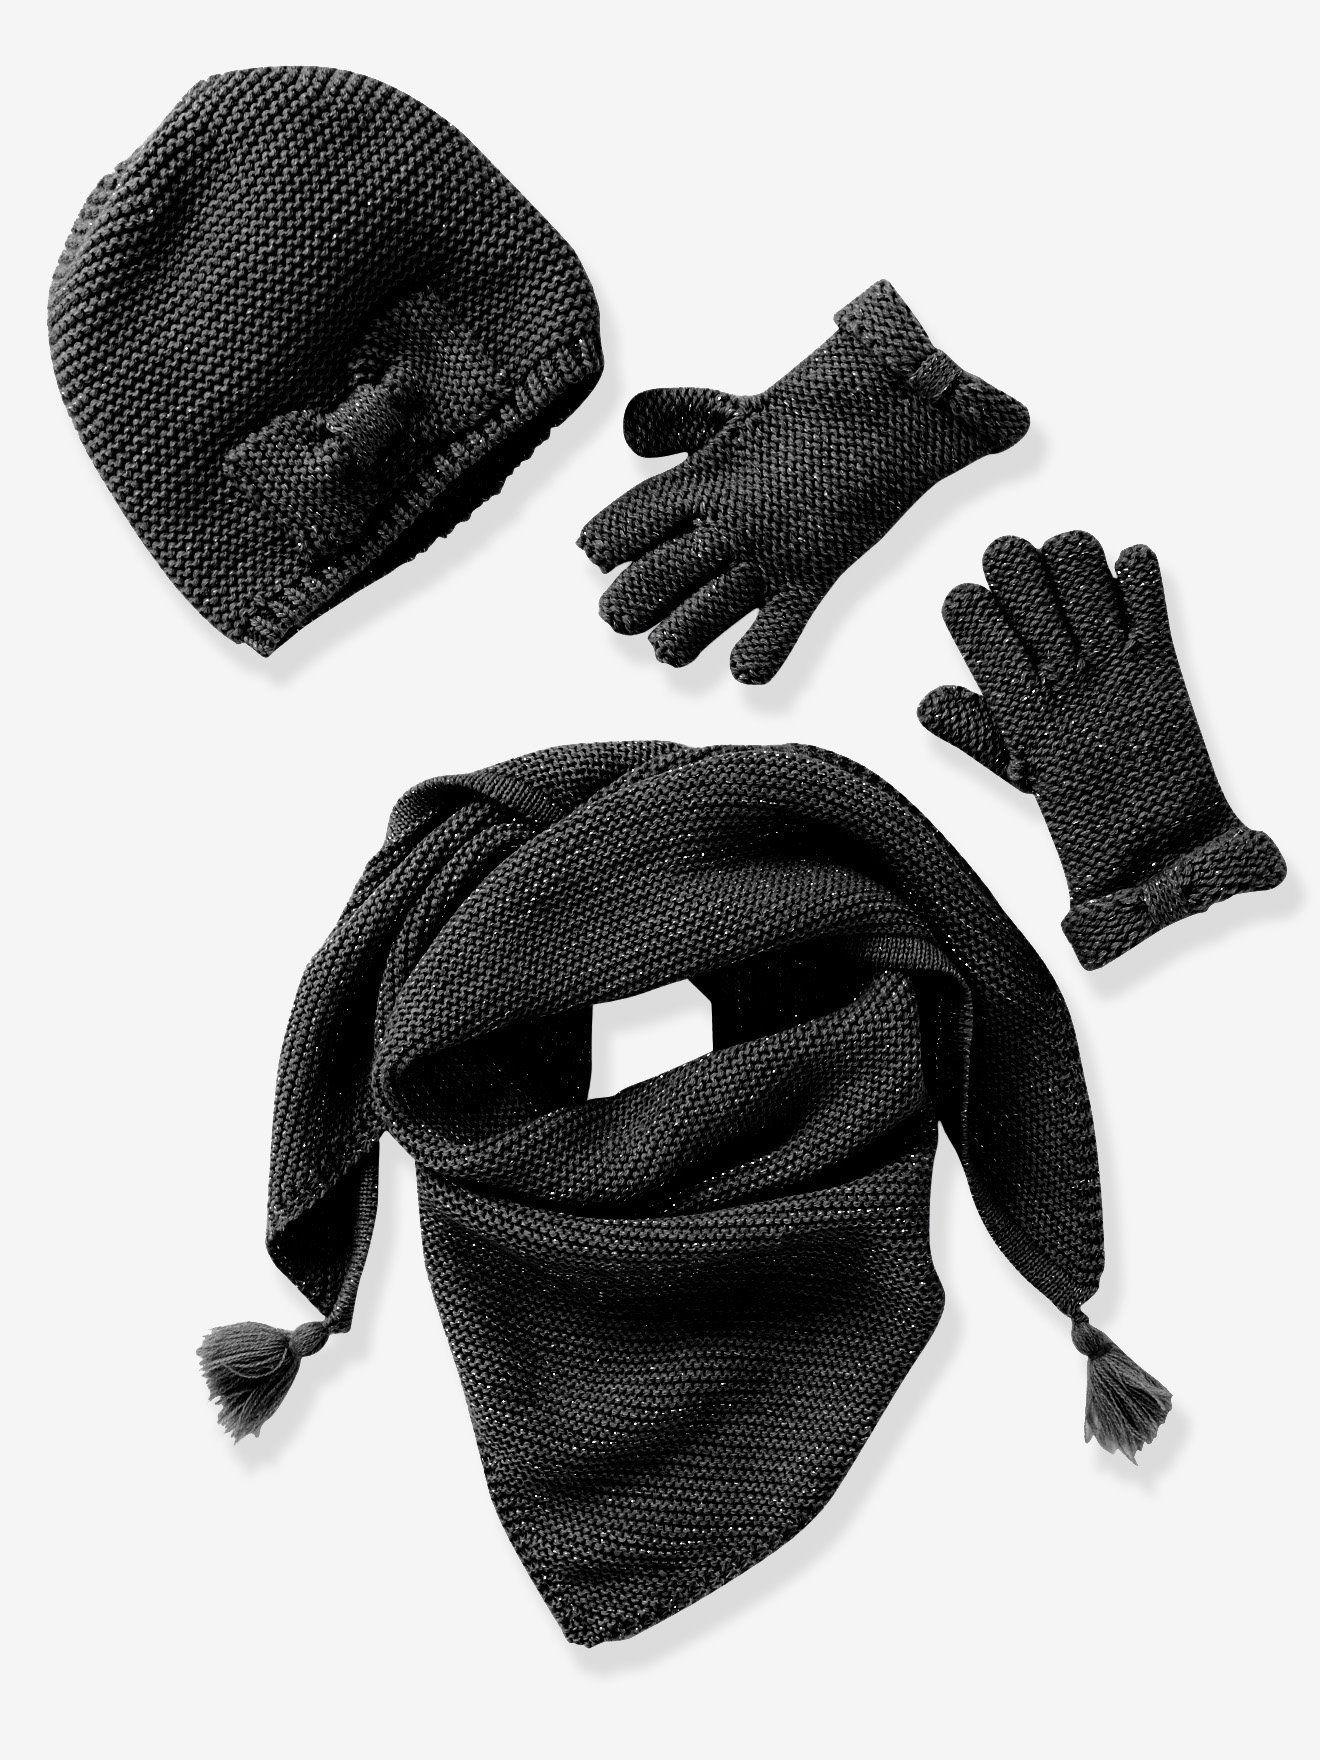 123c391f986 Echarpe fille + bonnet + moufles ou gants noir irisé - Un joli ensemble  bien chaud